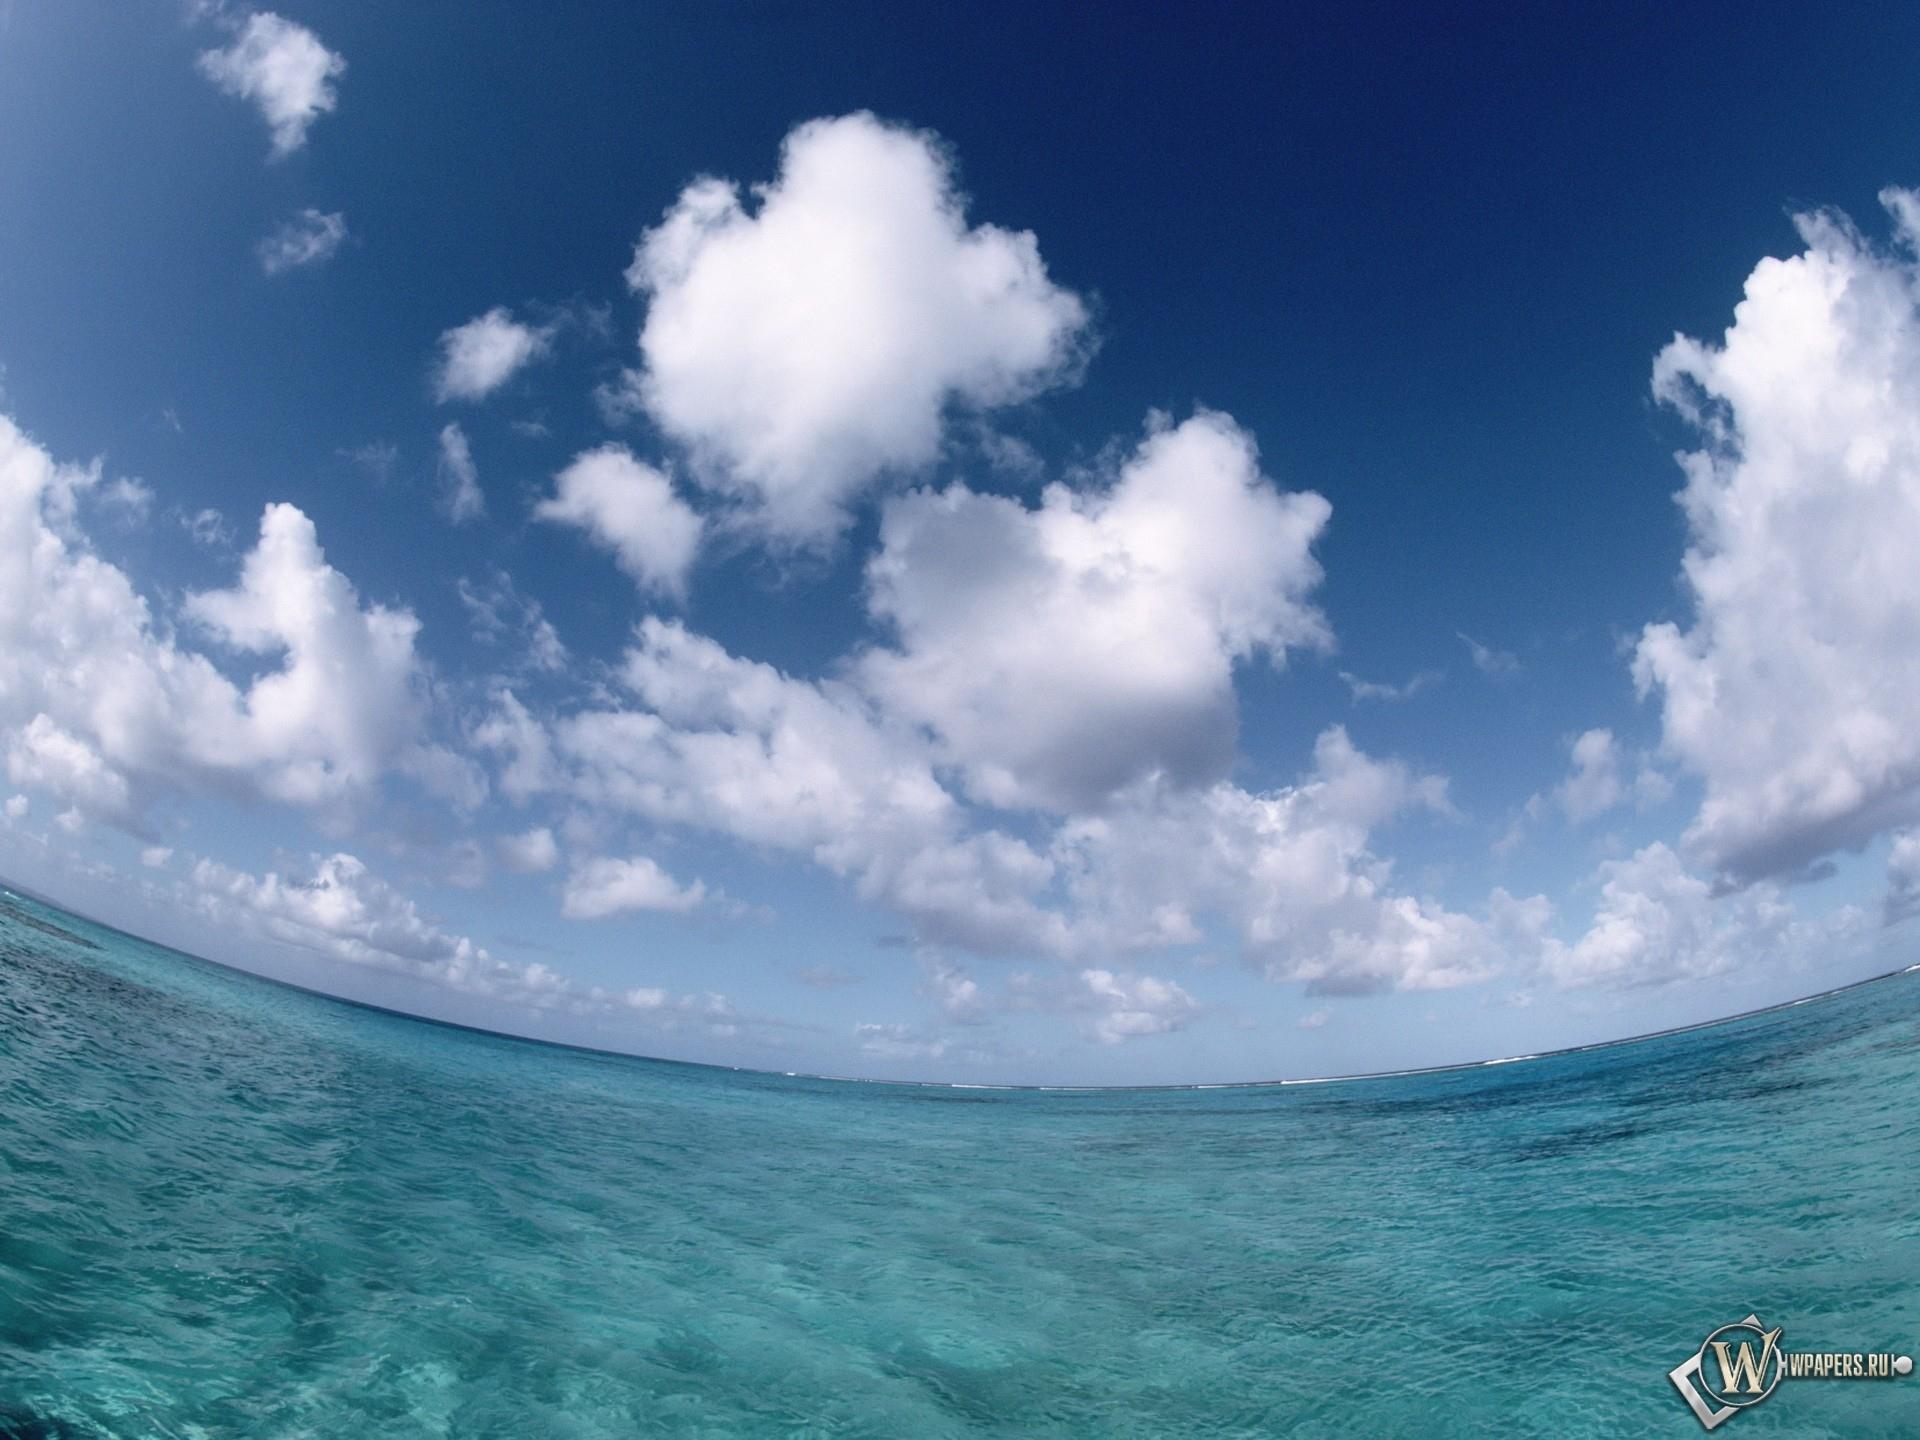 Море - Небо - Облака 1920x1440